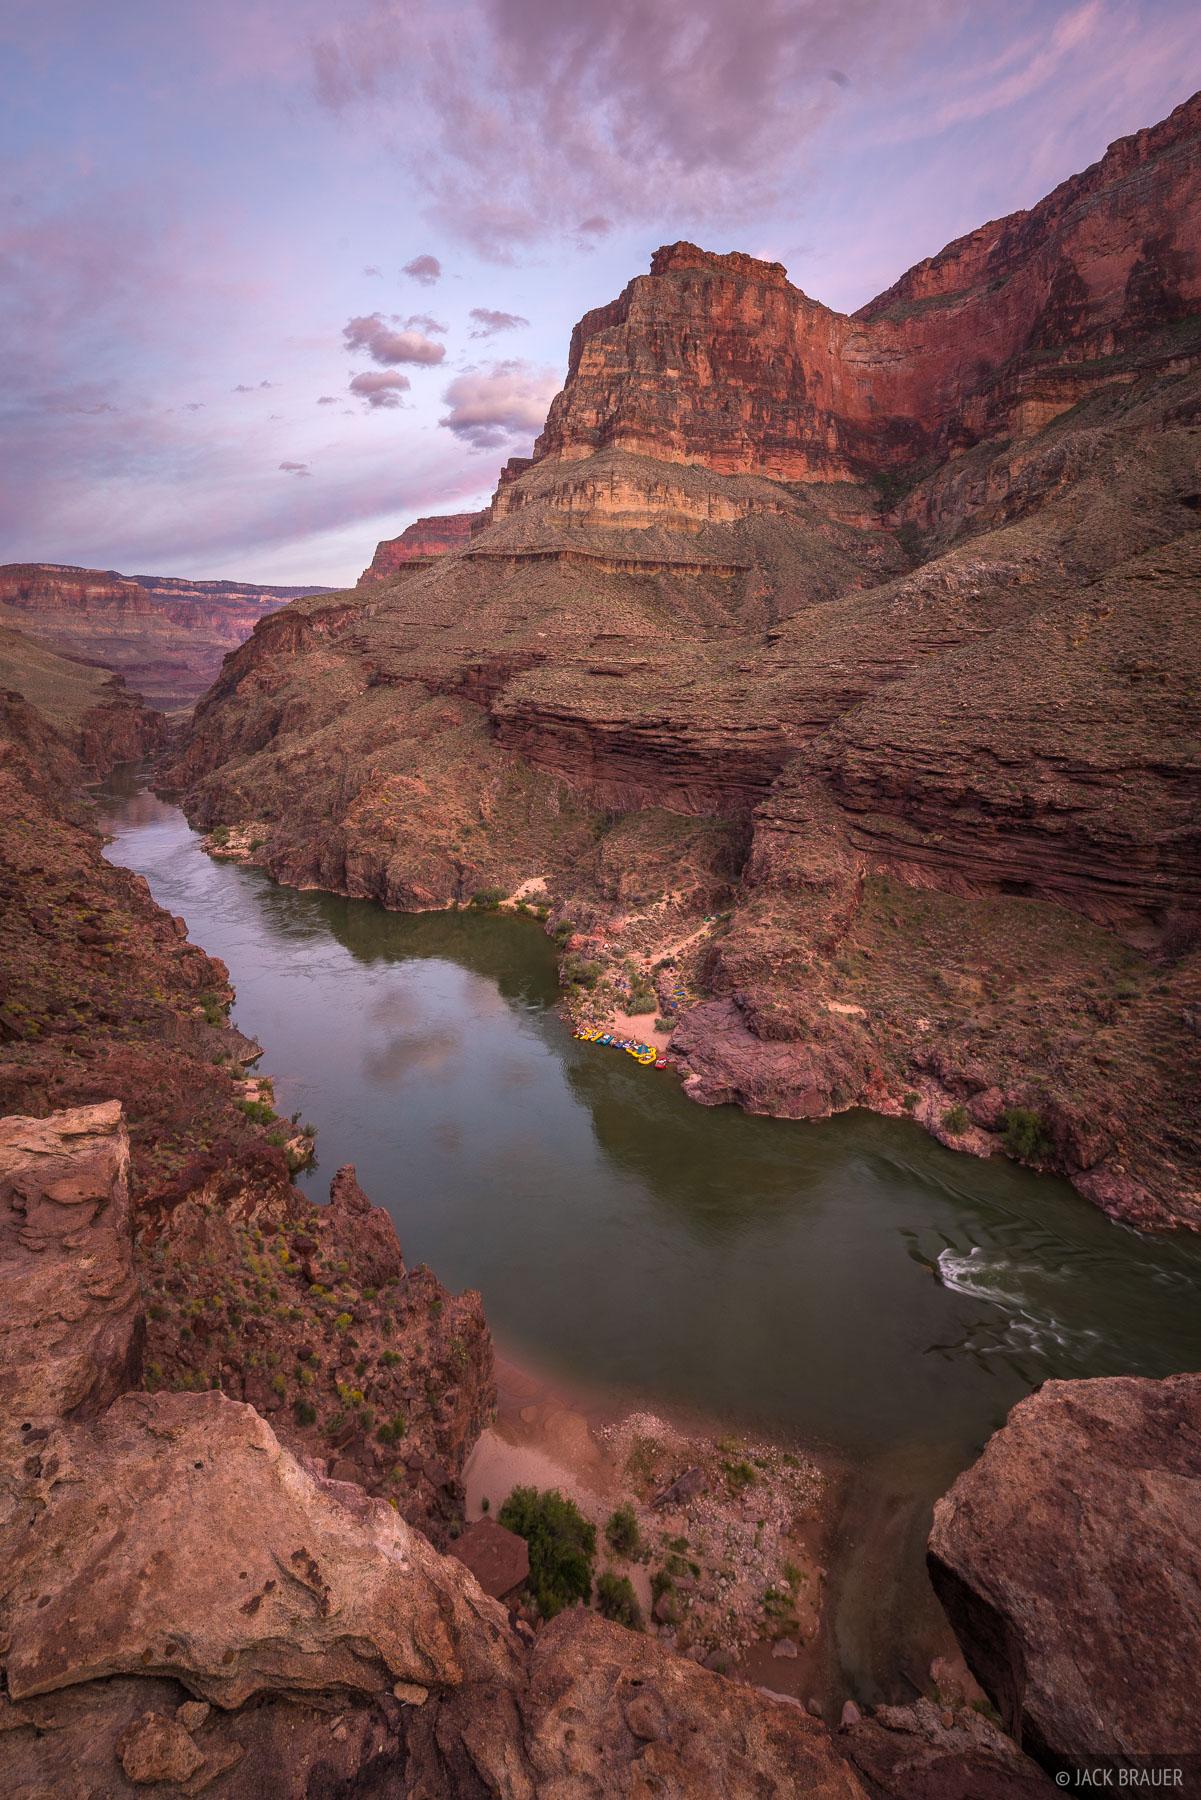 Evening over the Colorado River.